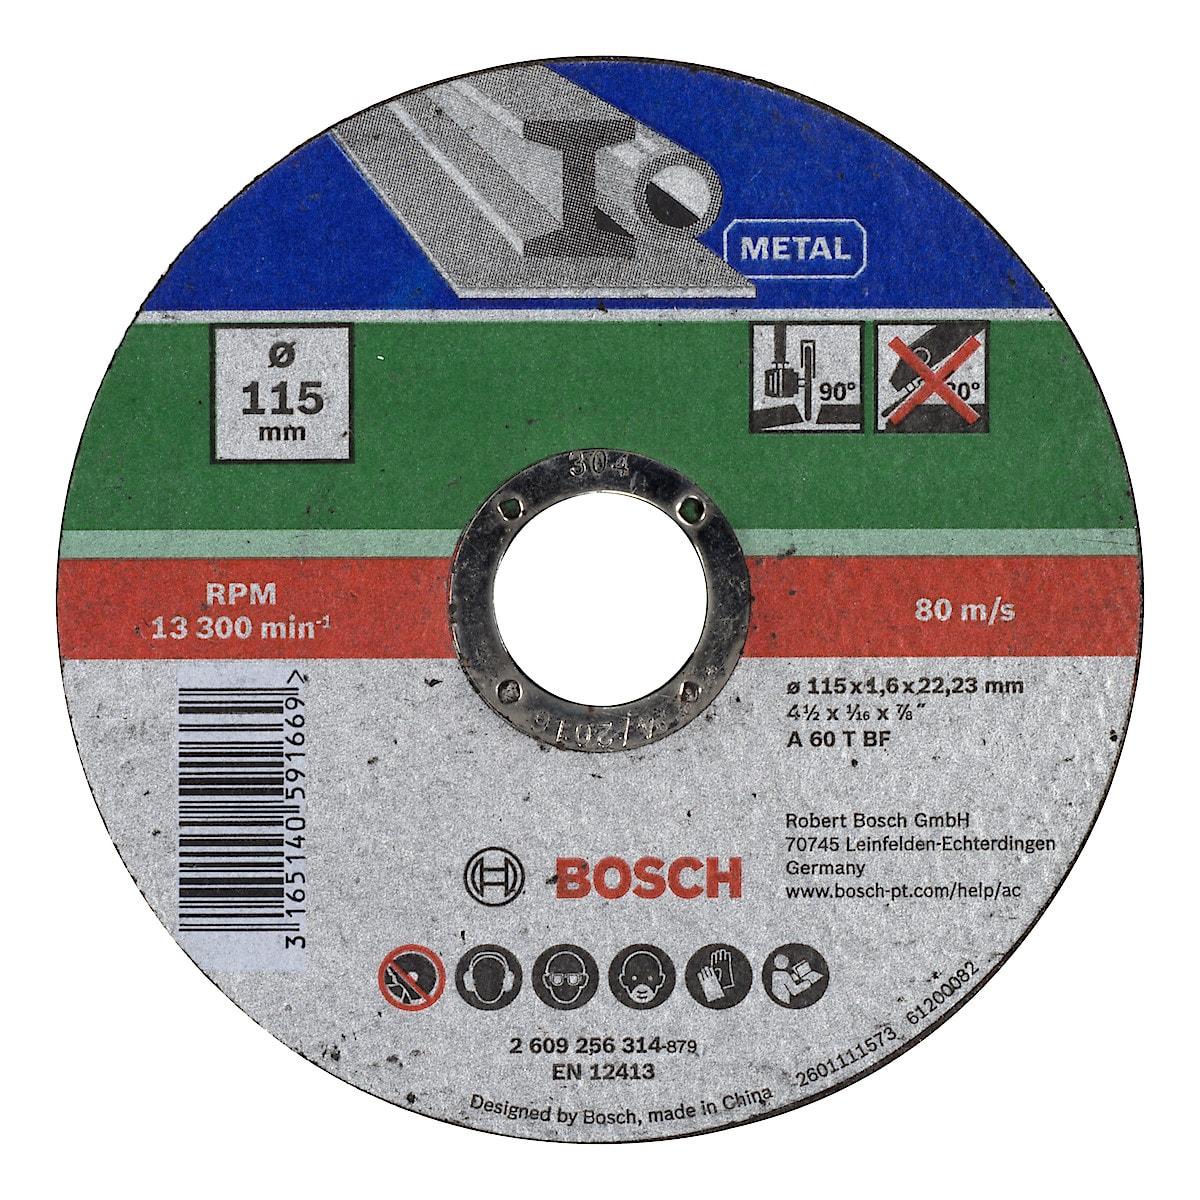 Kapskiva för metall 115 mm, Bosch